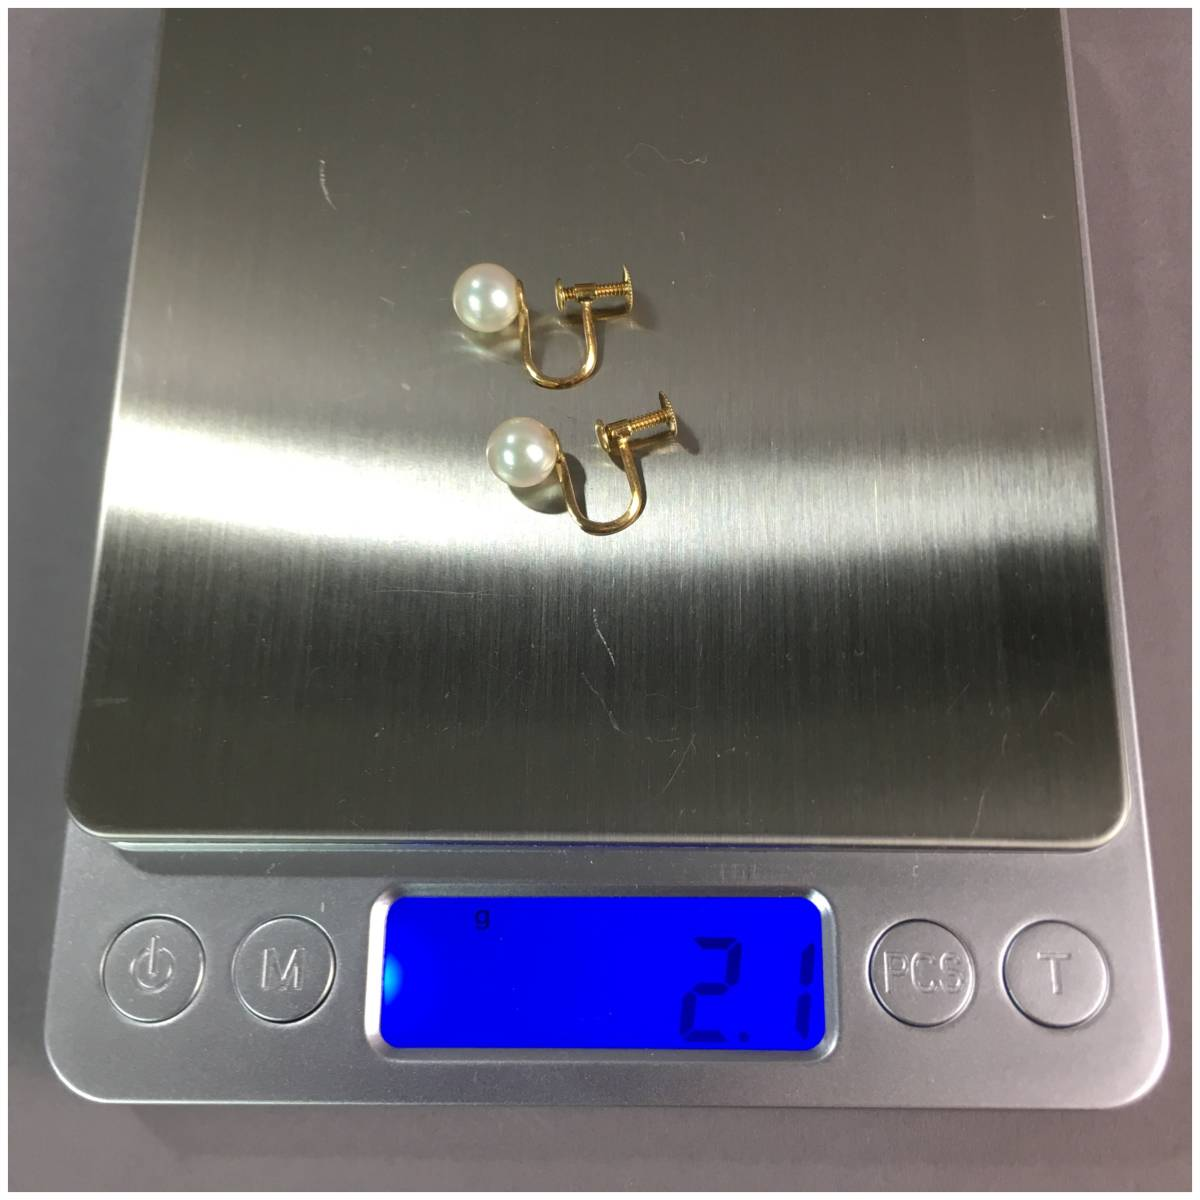 パール イヤリング 真珠 金具K18 18金製 重量2g 少しピンク色_画像4